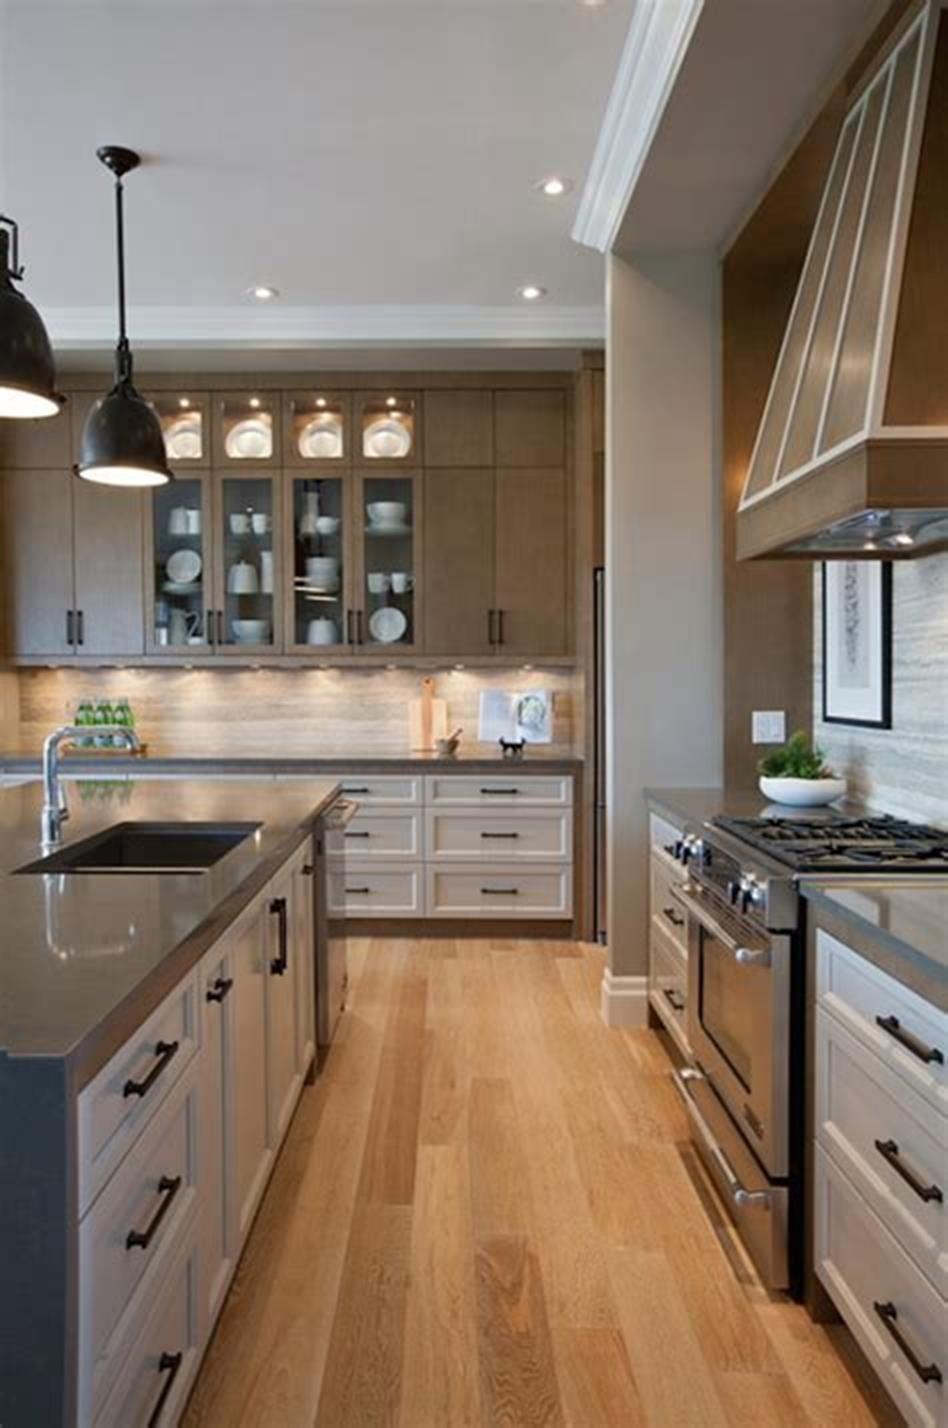 Modern Kitchen Interior Design: 31 Amazing Modern Kitchen Ideas For 2020 You'll Love